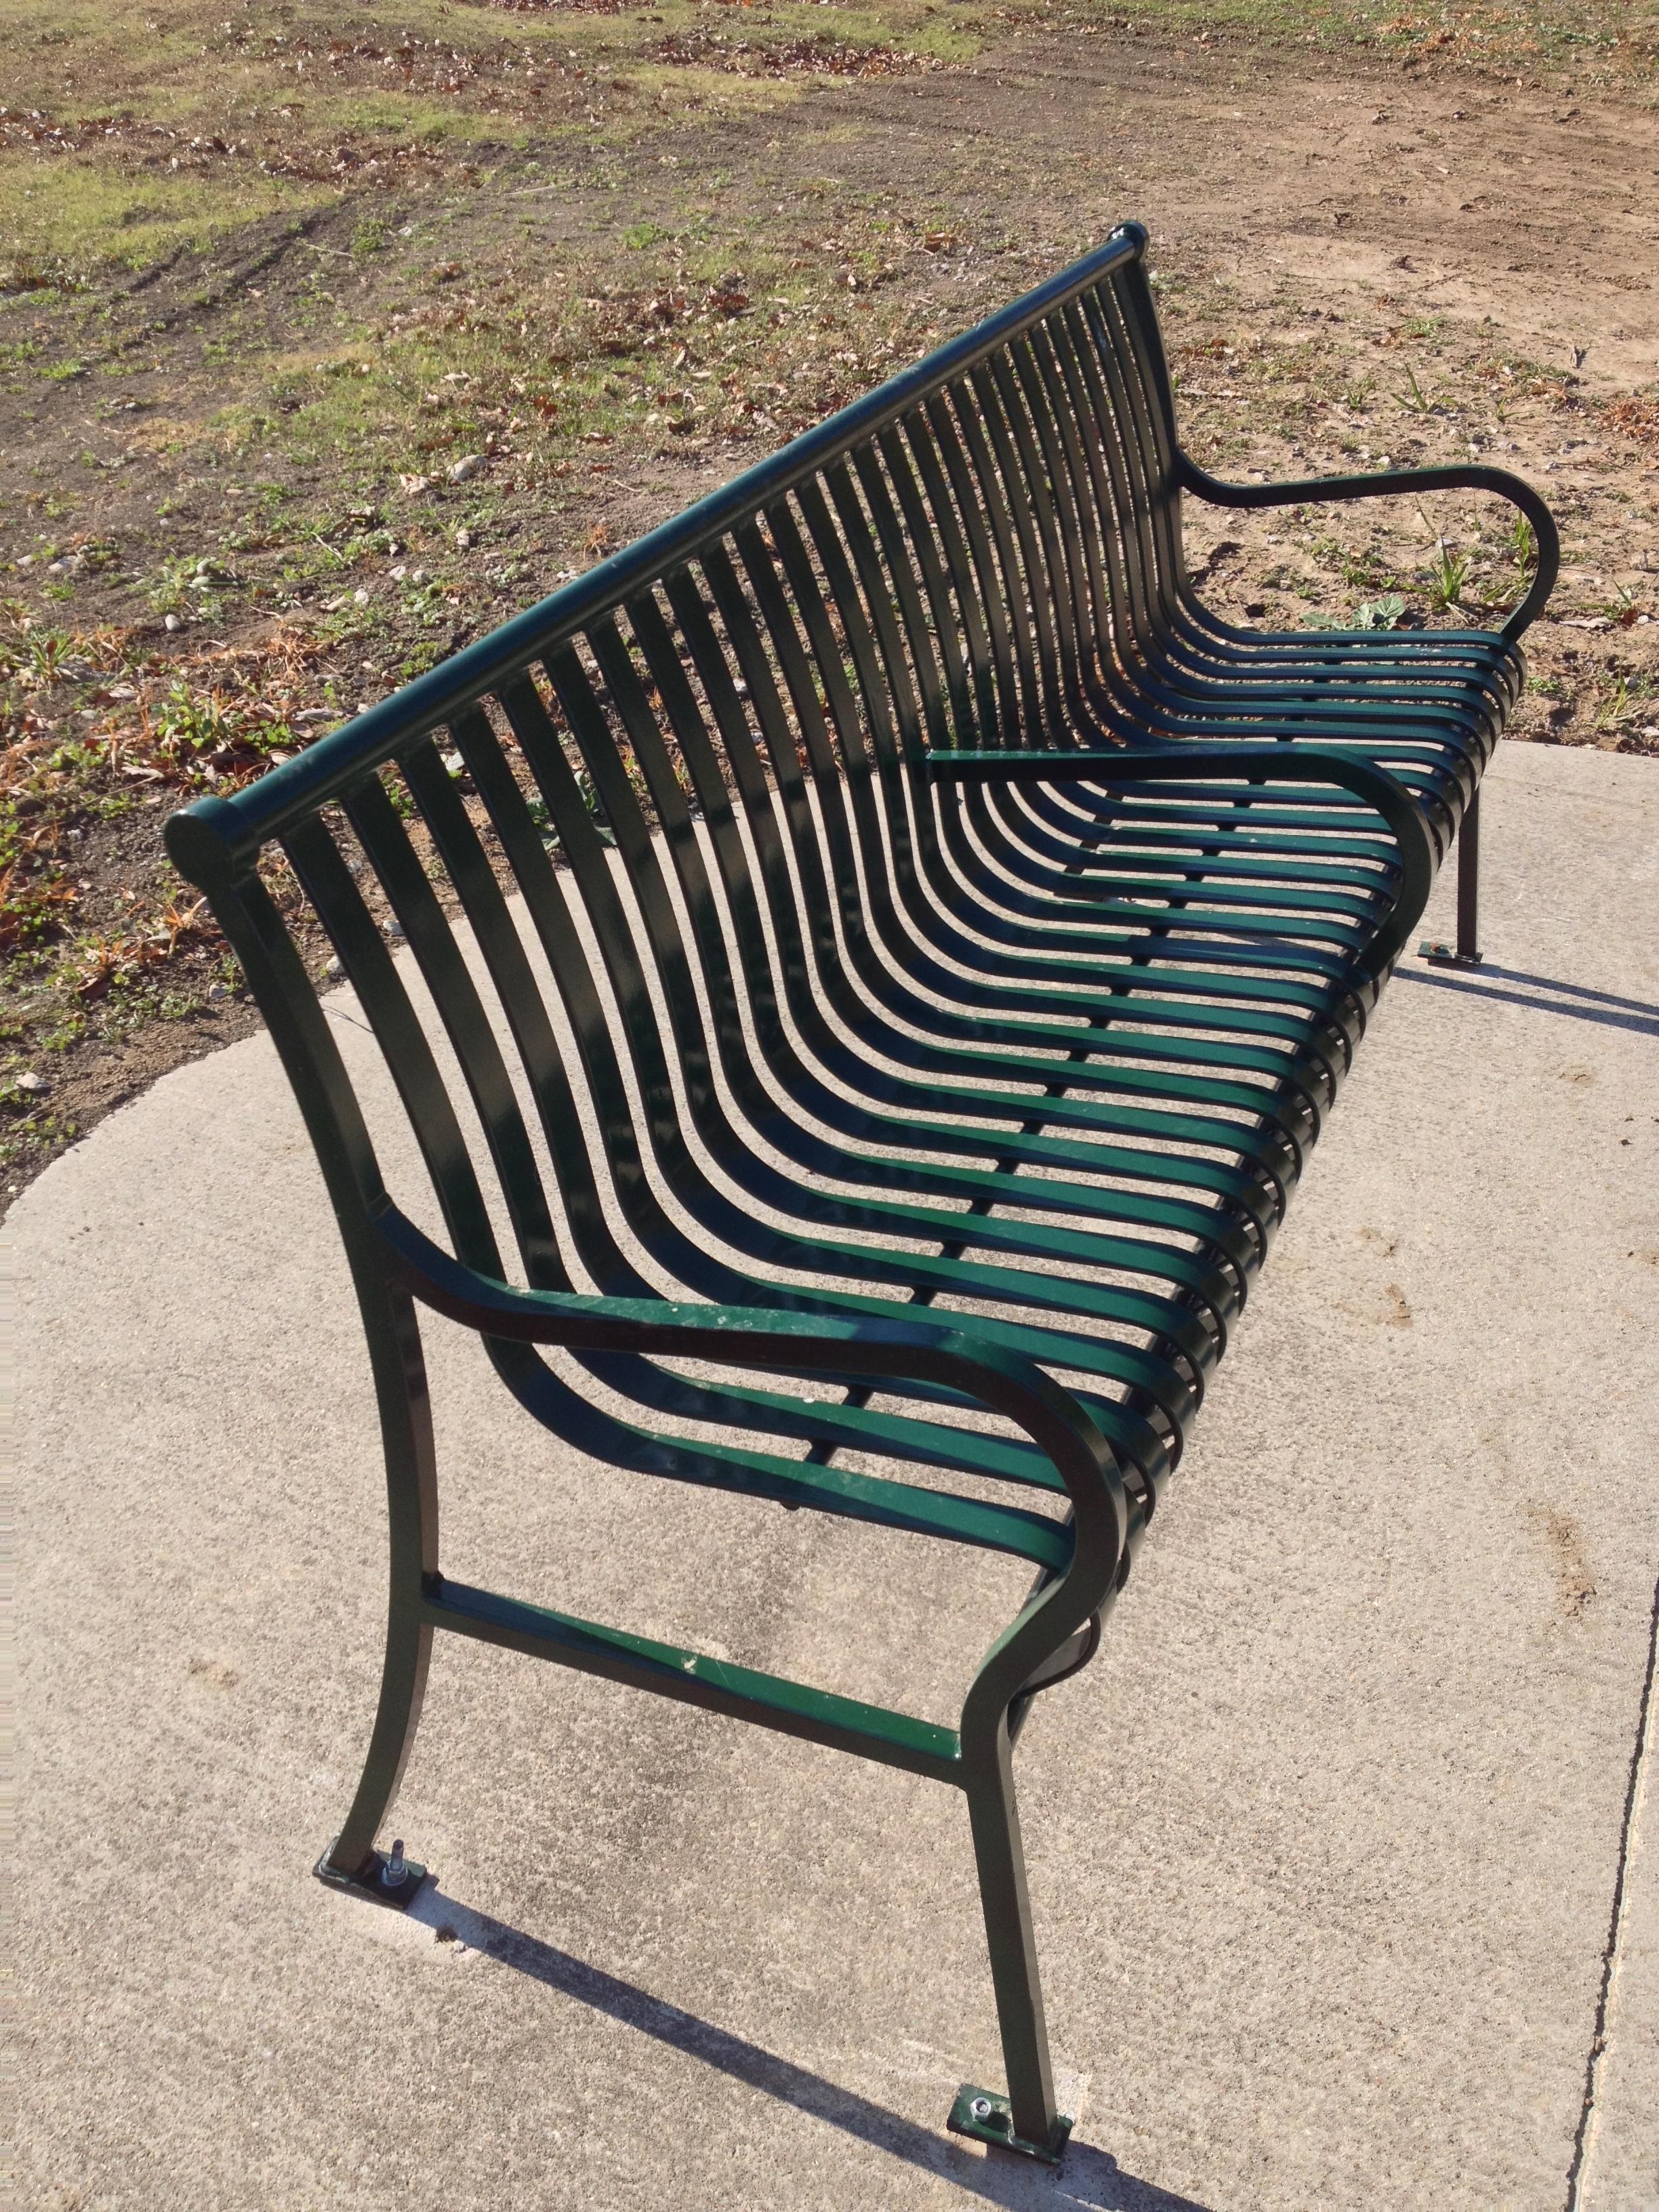 Fotos gratis : mesa, banco, silla, sentado, Banco del parque, mimbre ...